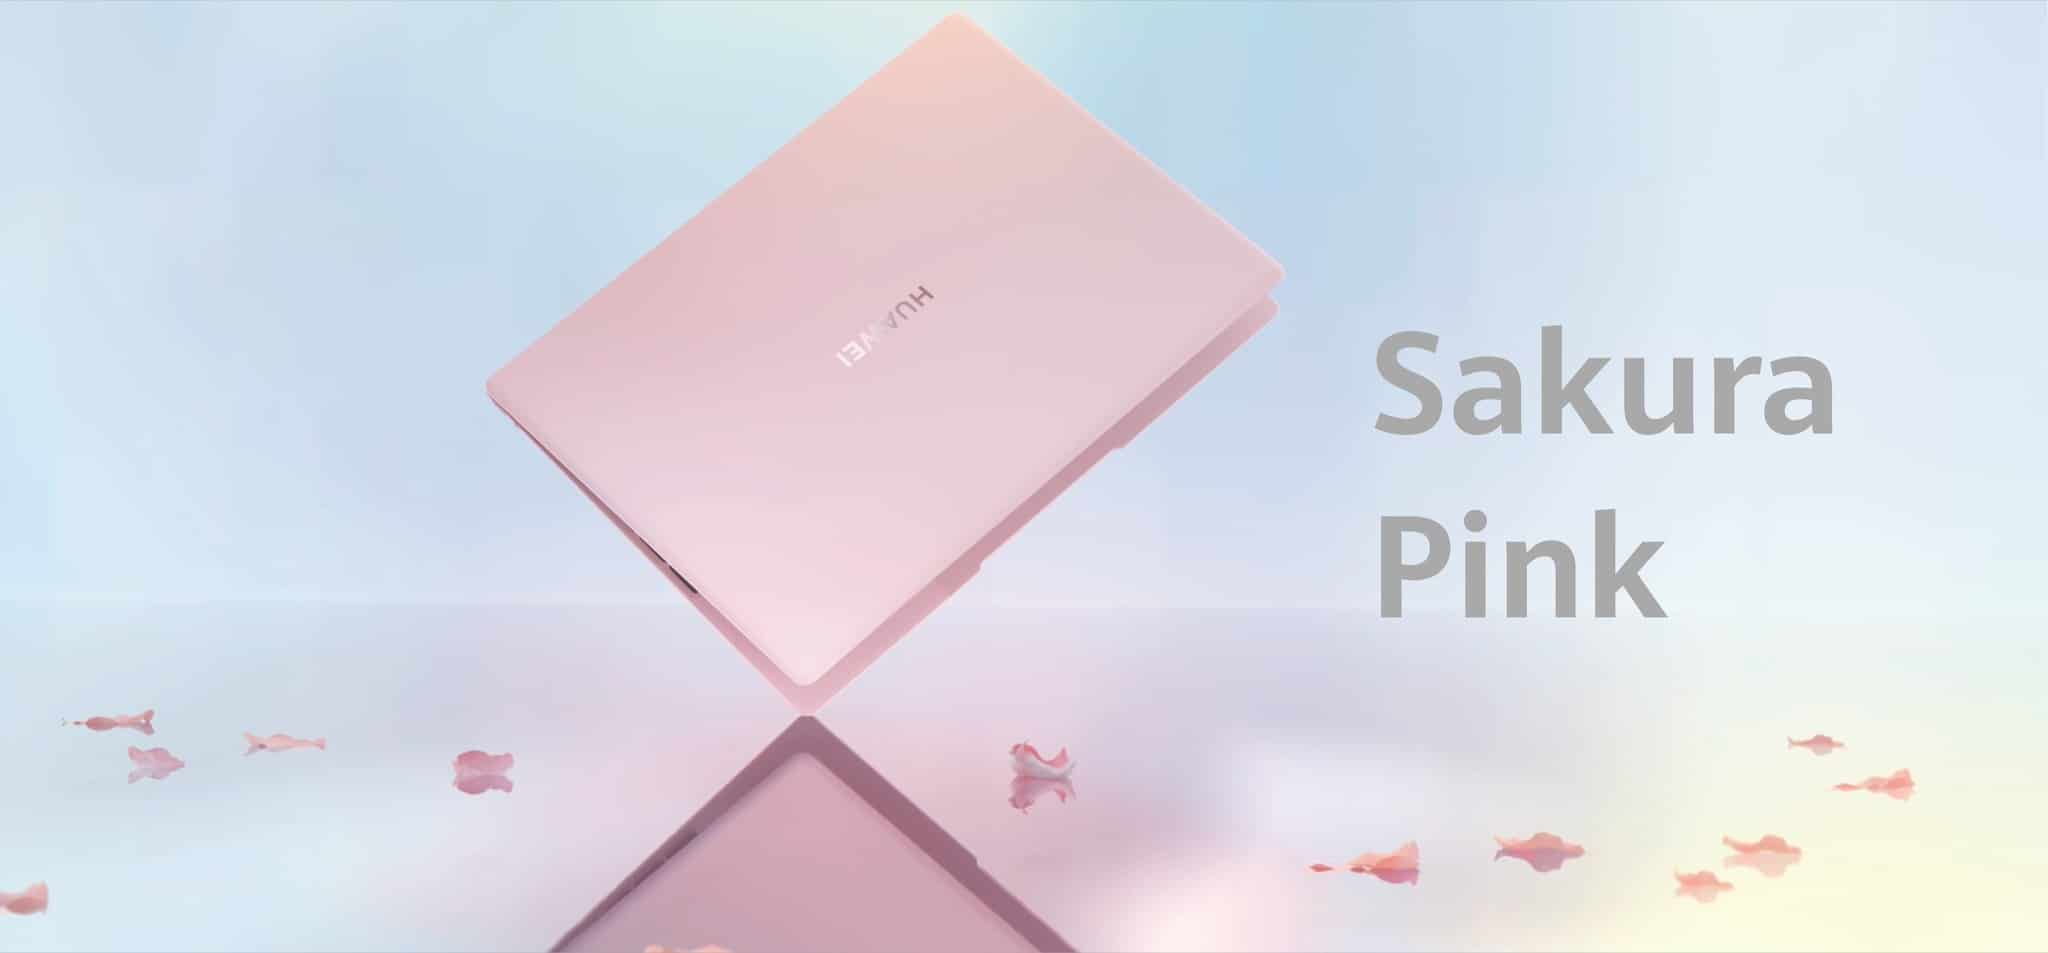 huawei-matebook-x-2020-sakura-pink